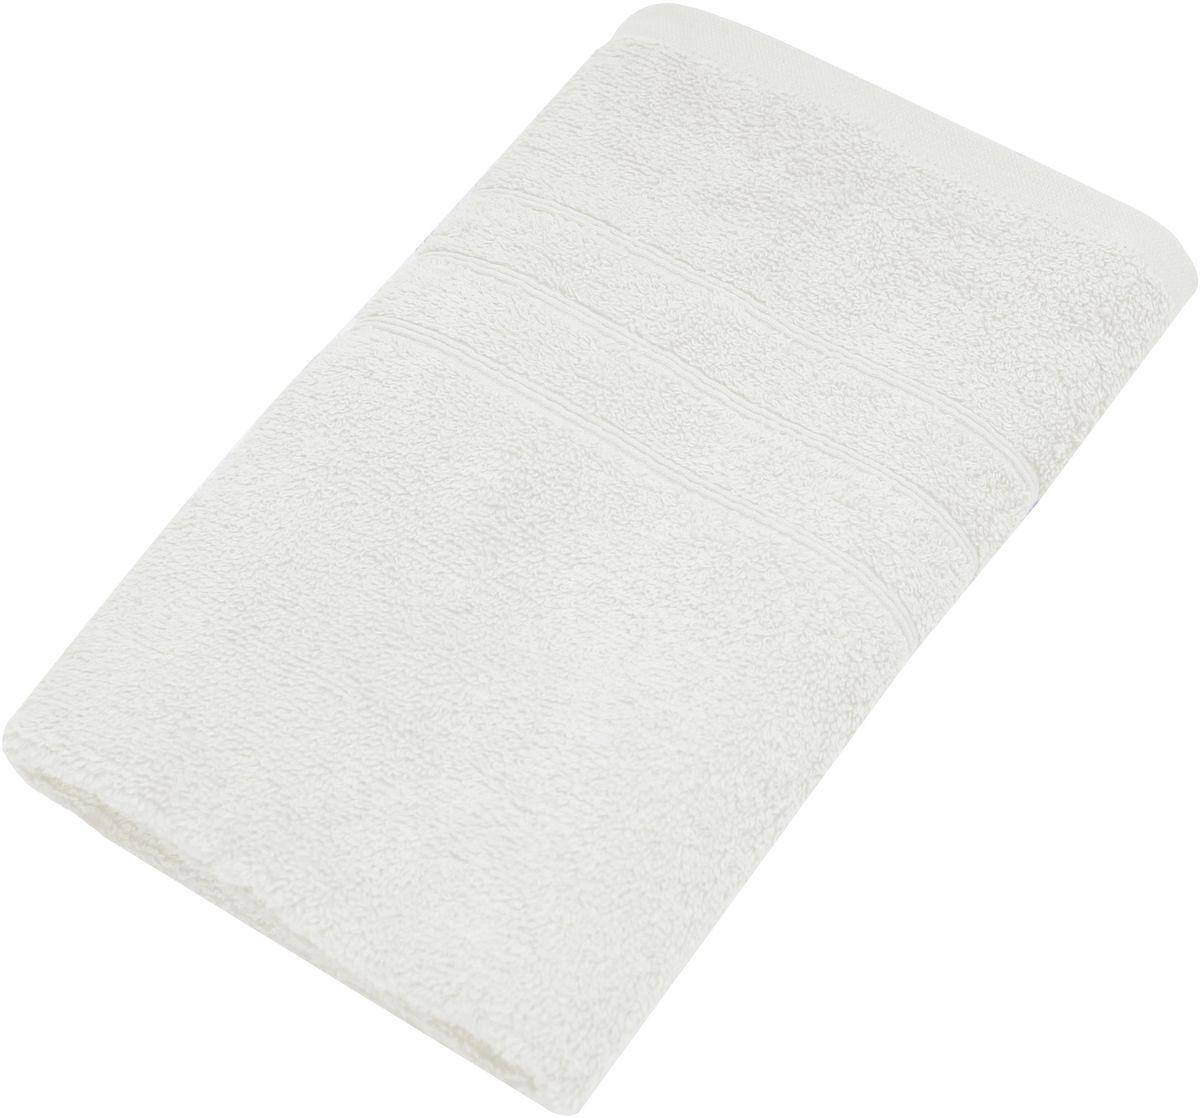 Полотенце Proffi Home Модерн, цвет: белый, 50x100 смPH3266Состав: 100% хлопок.